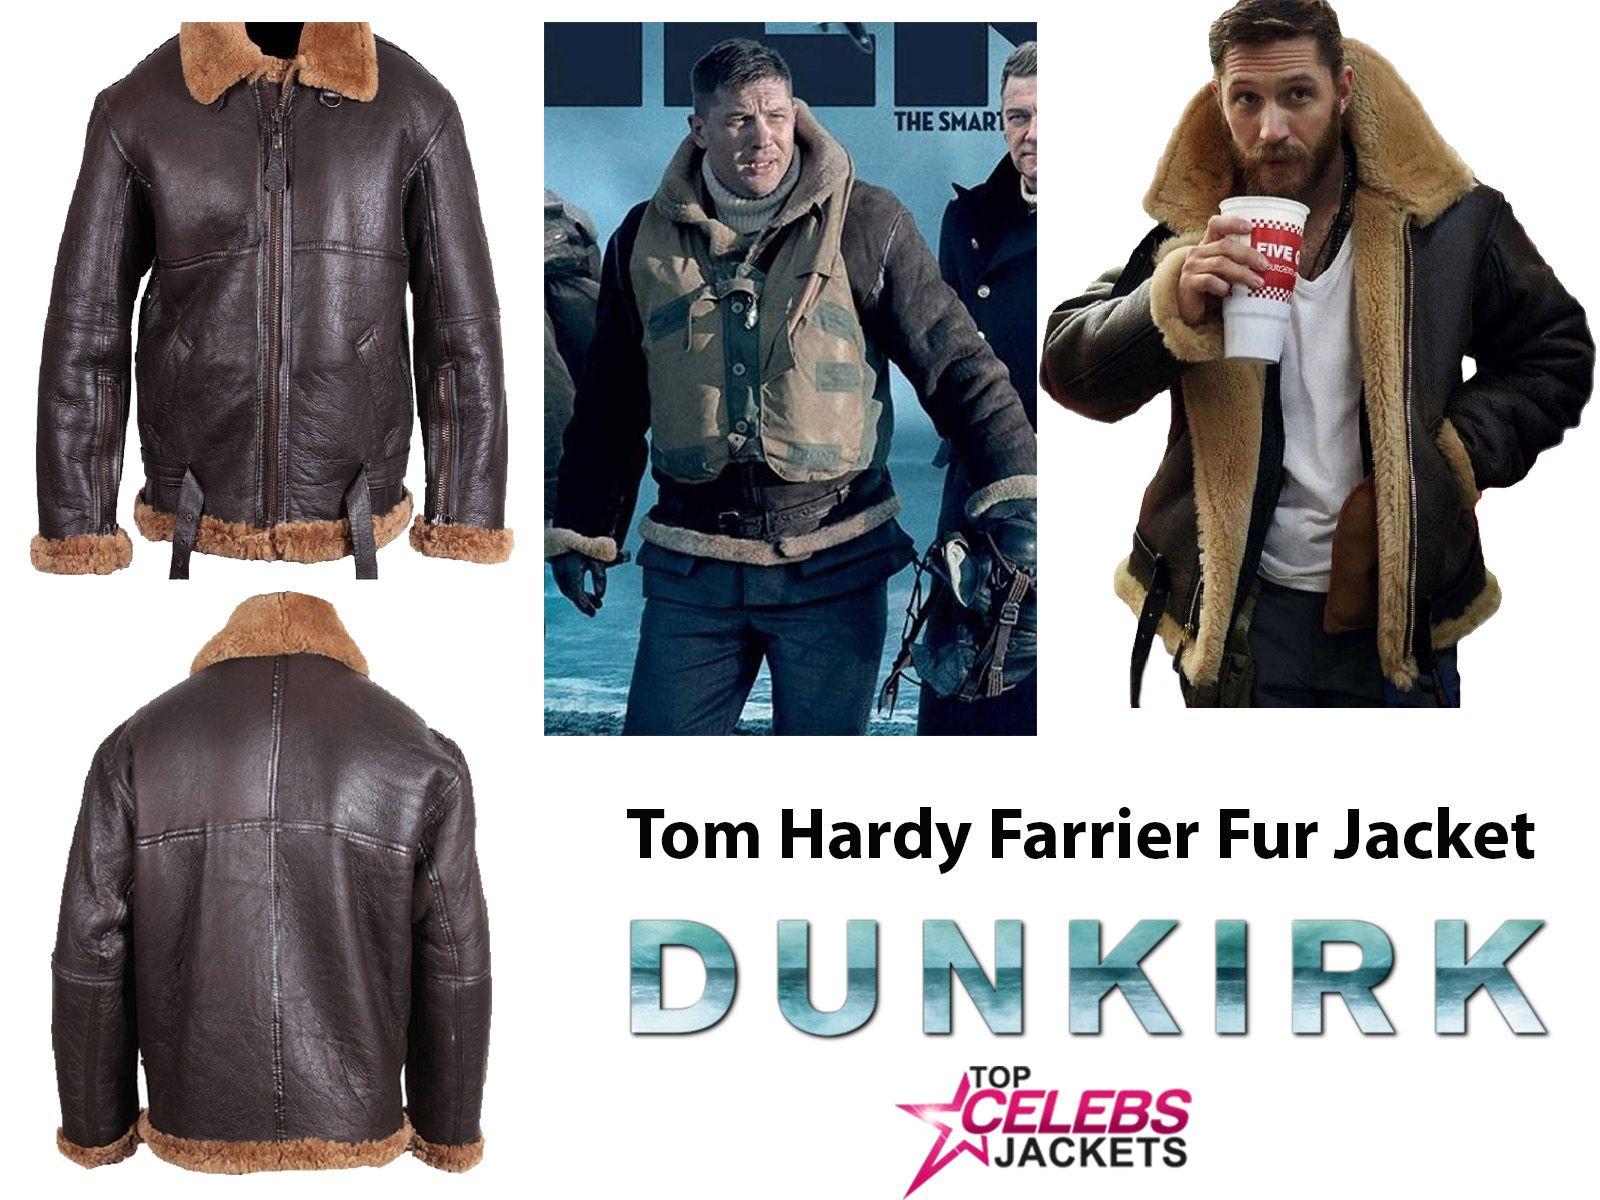 Dunkirk Tom Hardy Farrier Fur Outerwear Jacket Top Celebs Jackets Jackets Tom Hardy Shearling Jacket [ 1200 x 1600 Pixel ]